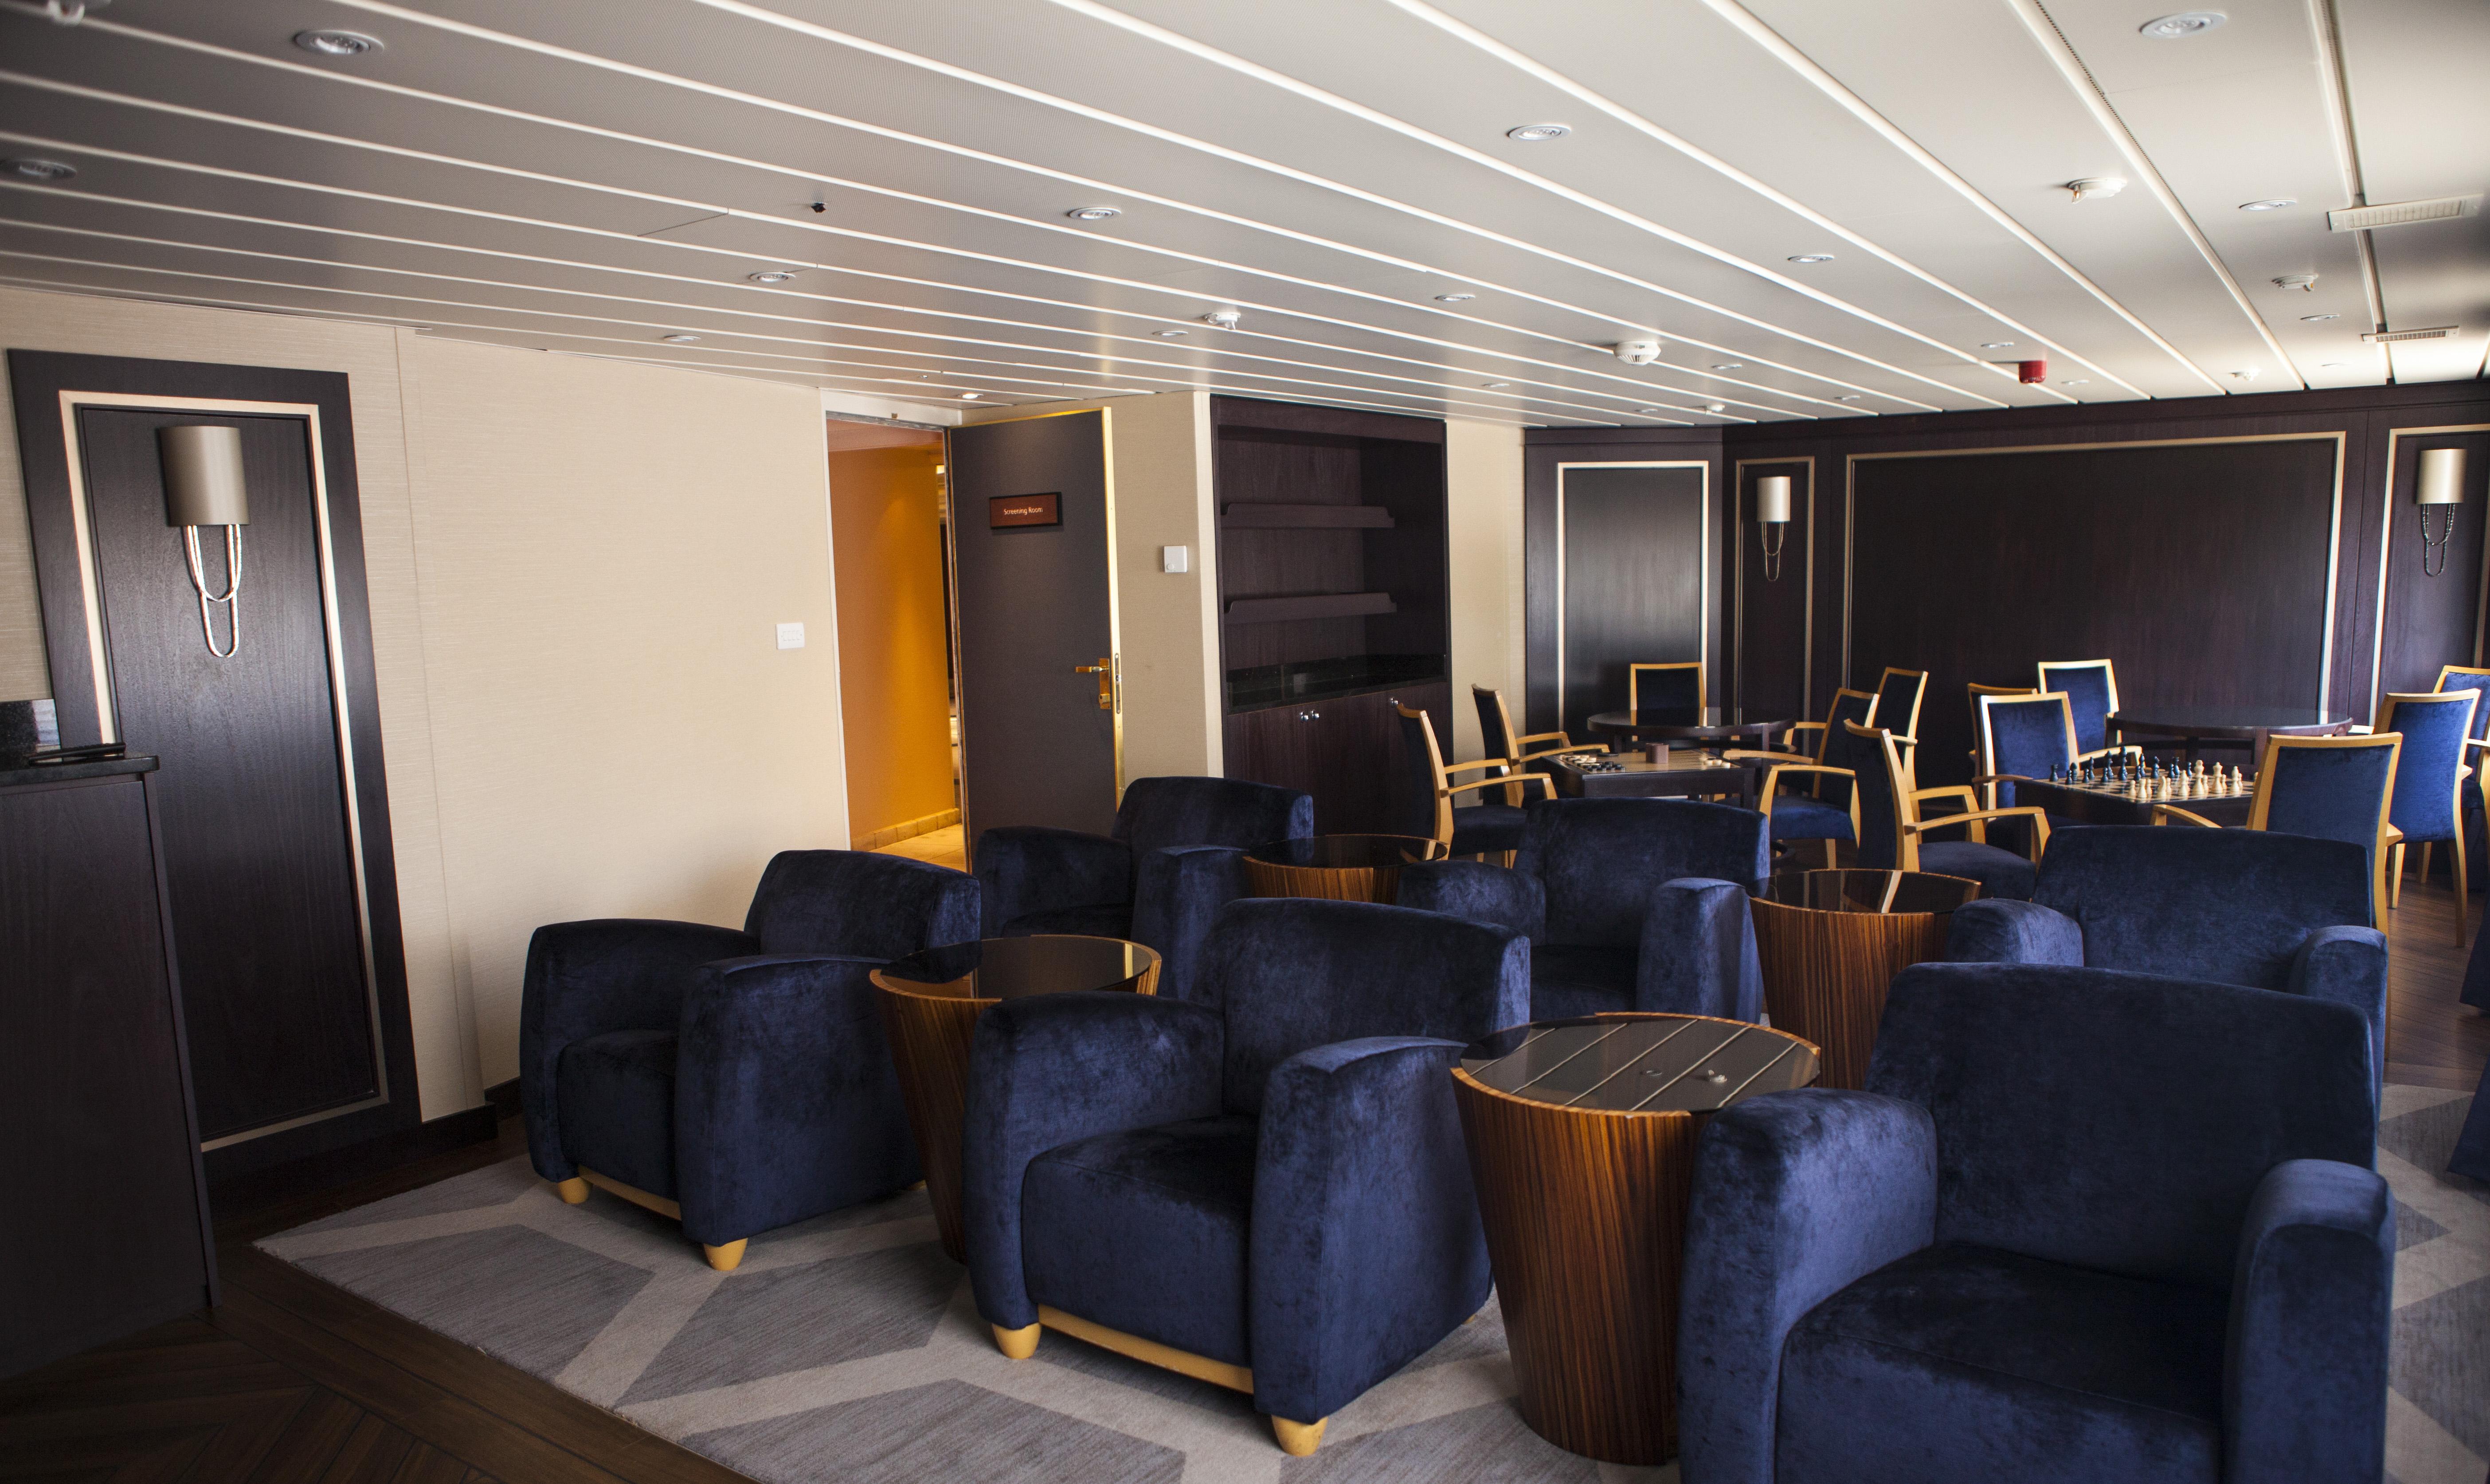 Windstar Star Breeze Interior Screening Room 1.jpg